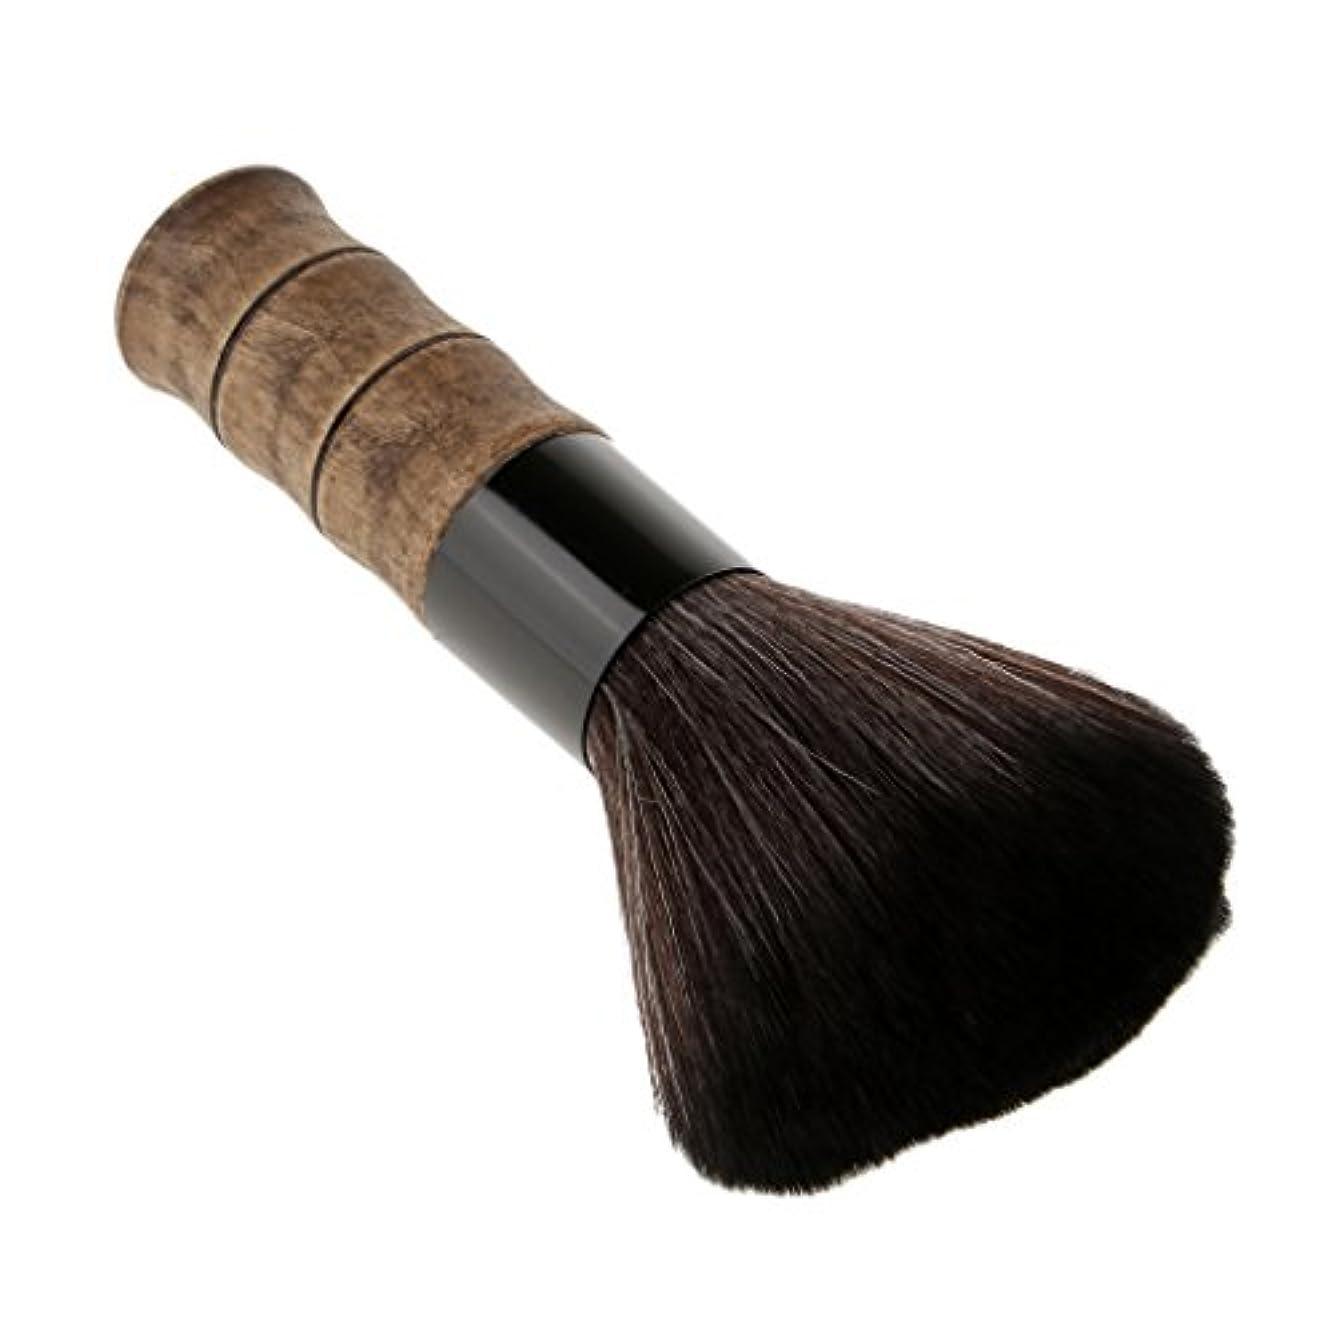 アドバイスラベ交換可能ソフトファイバー脱毛シェービングブラシブラッシュルーズパウダーメイクブラシ竹 - ブラック